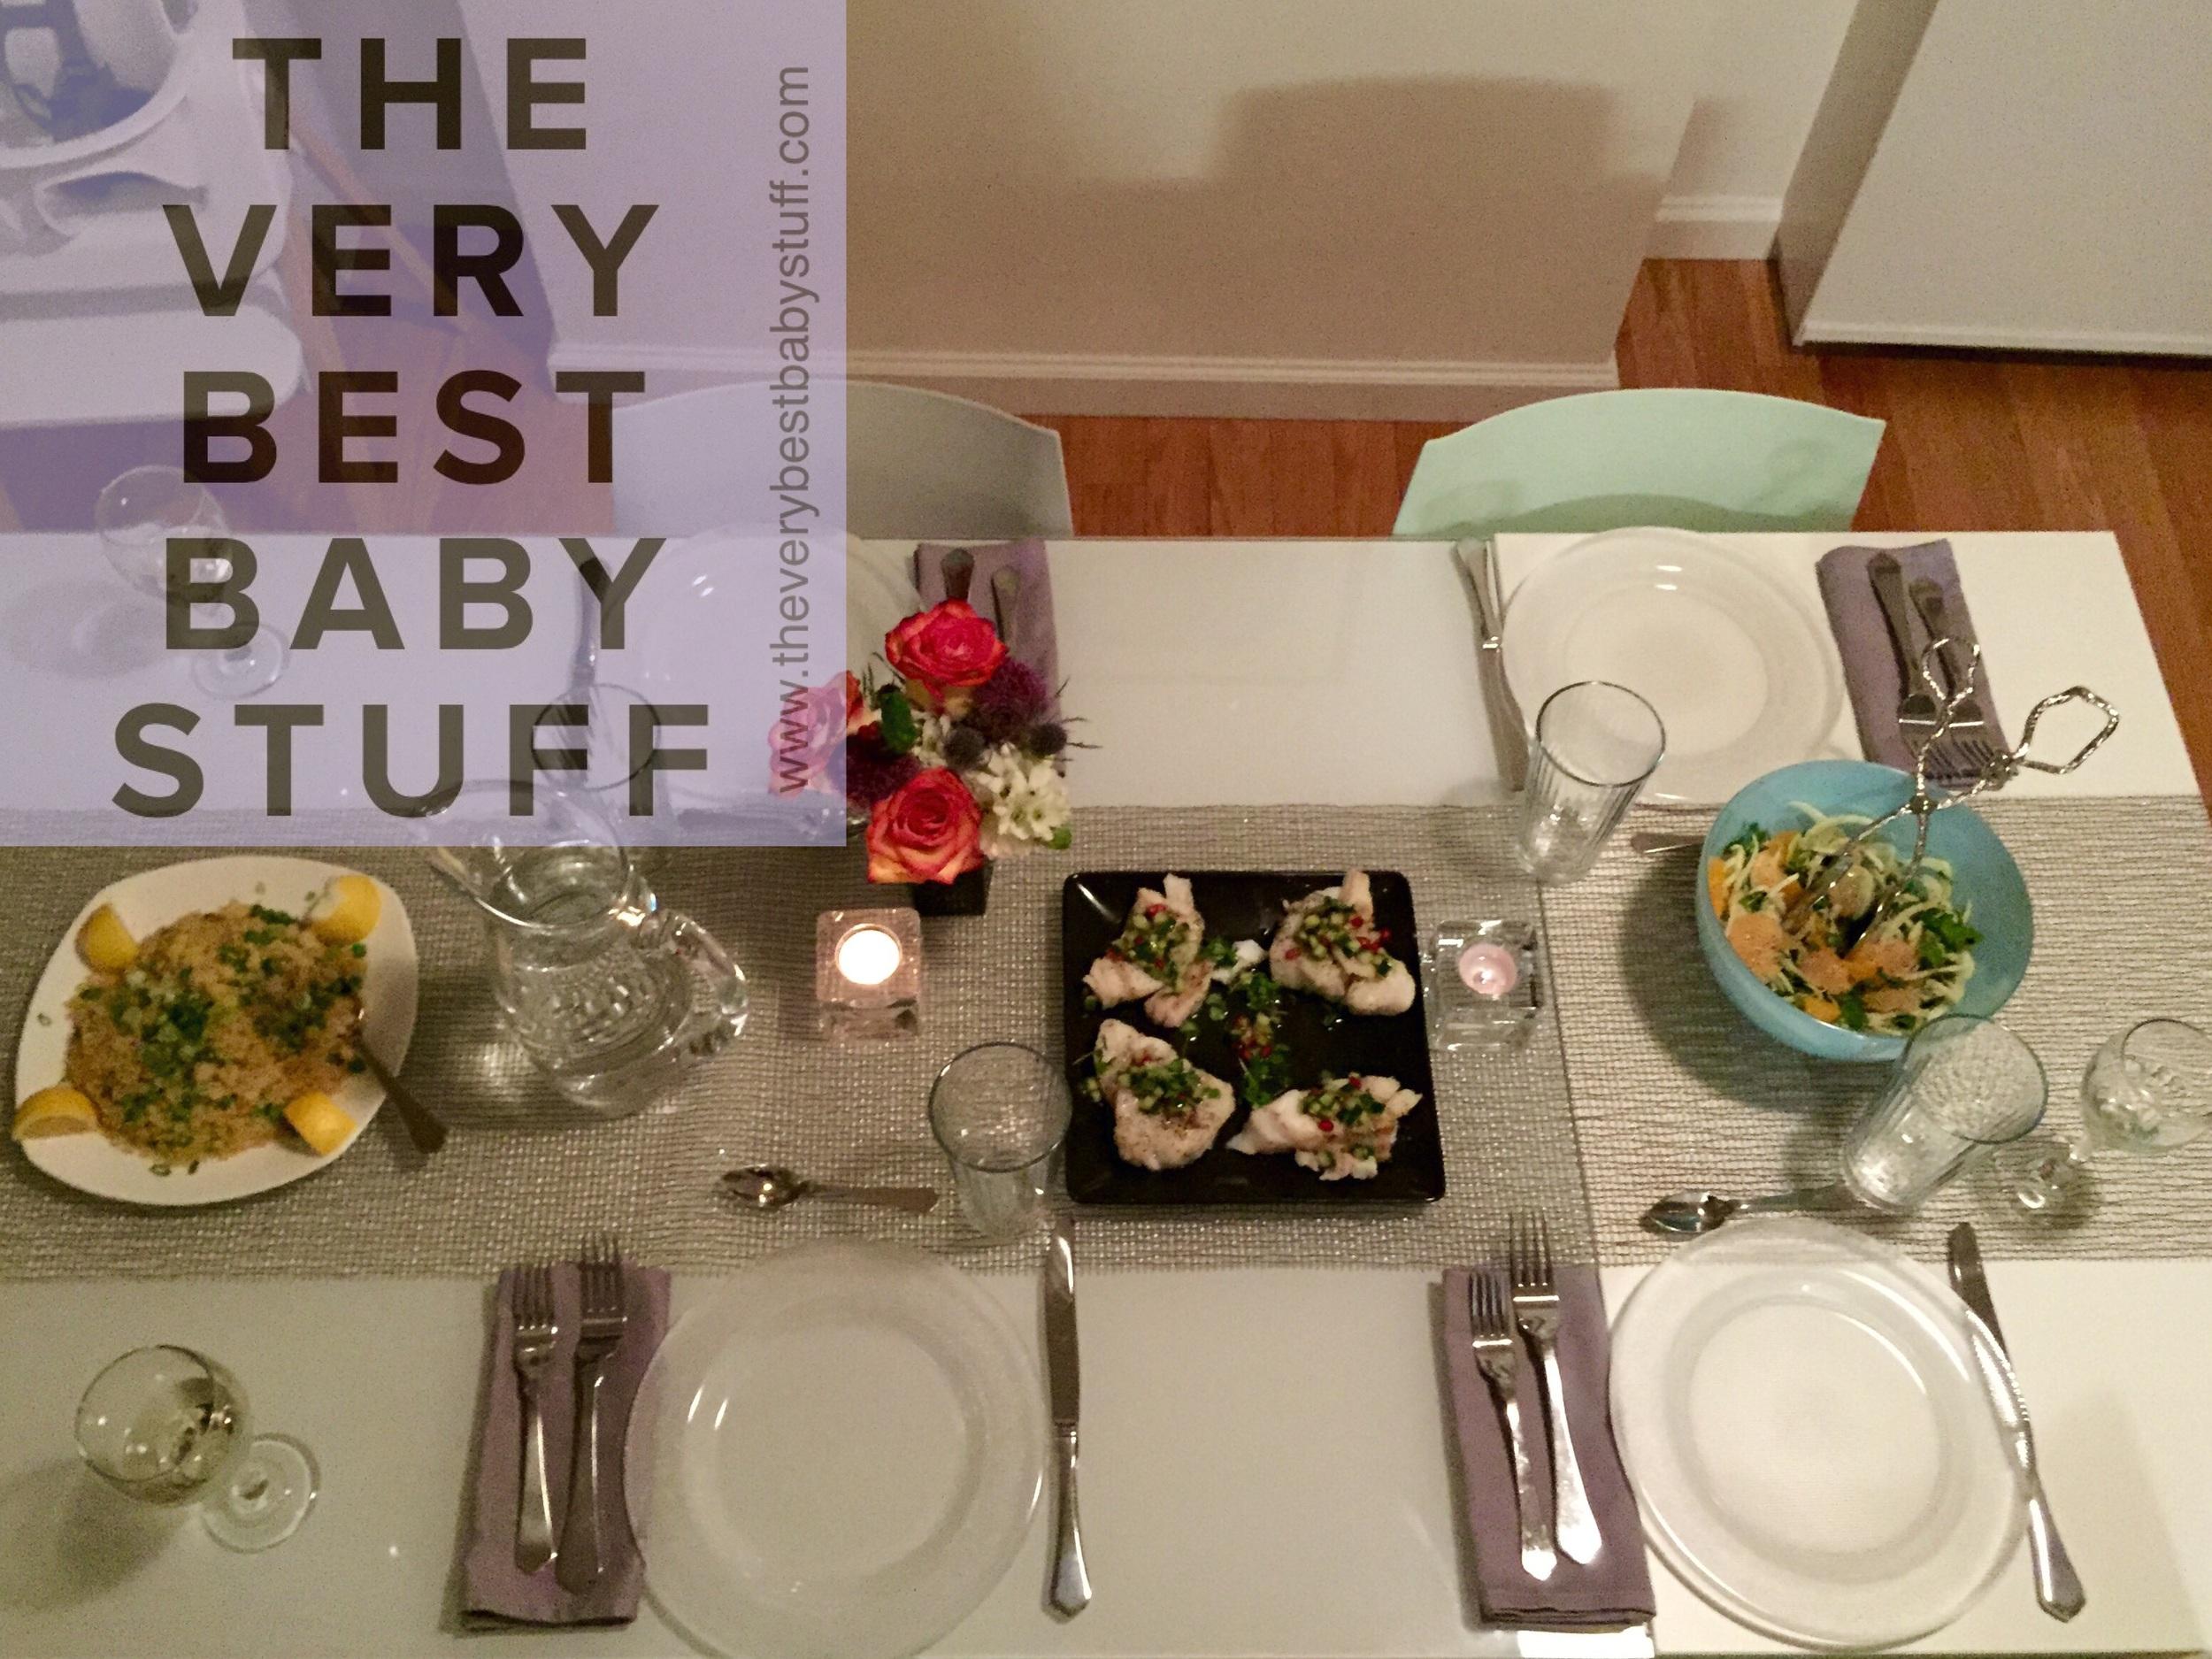 My Kitchensurfing dinner